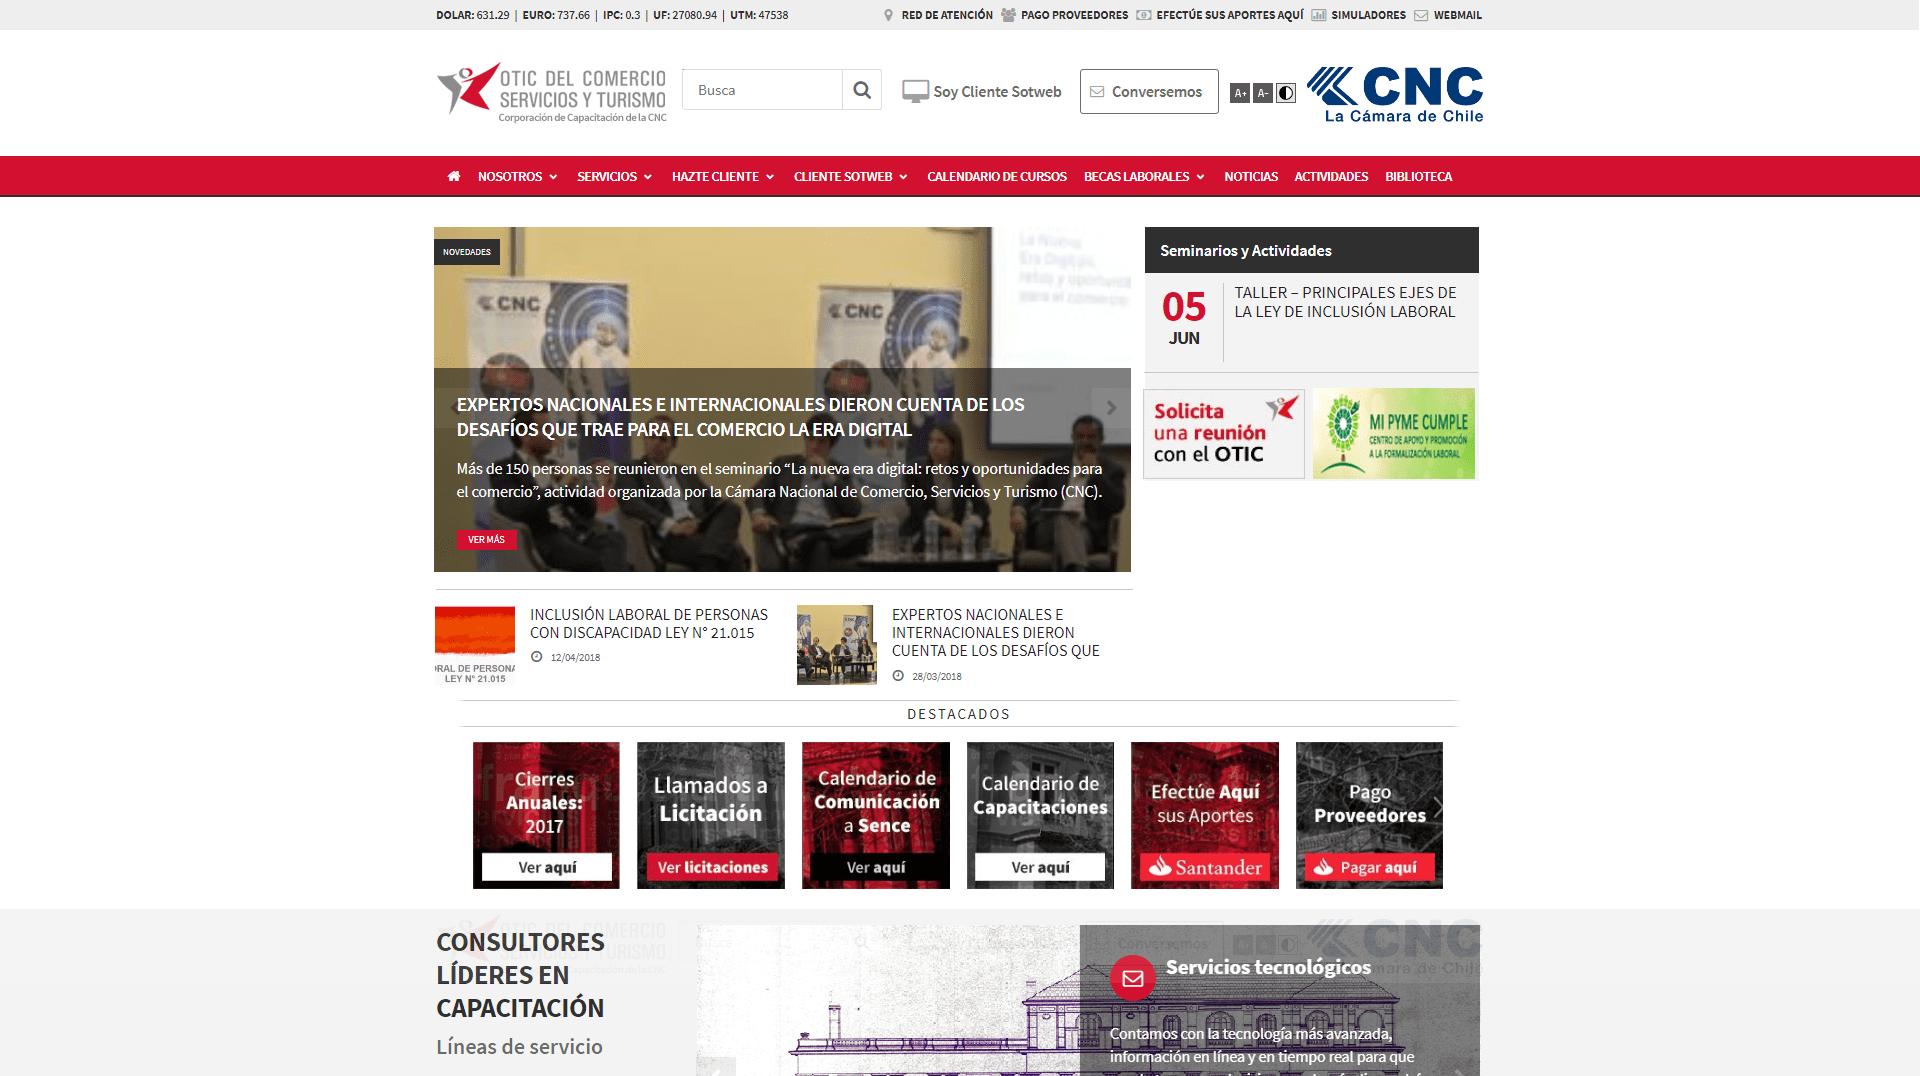 Frontpage OTIC del Comercio